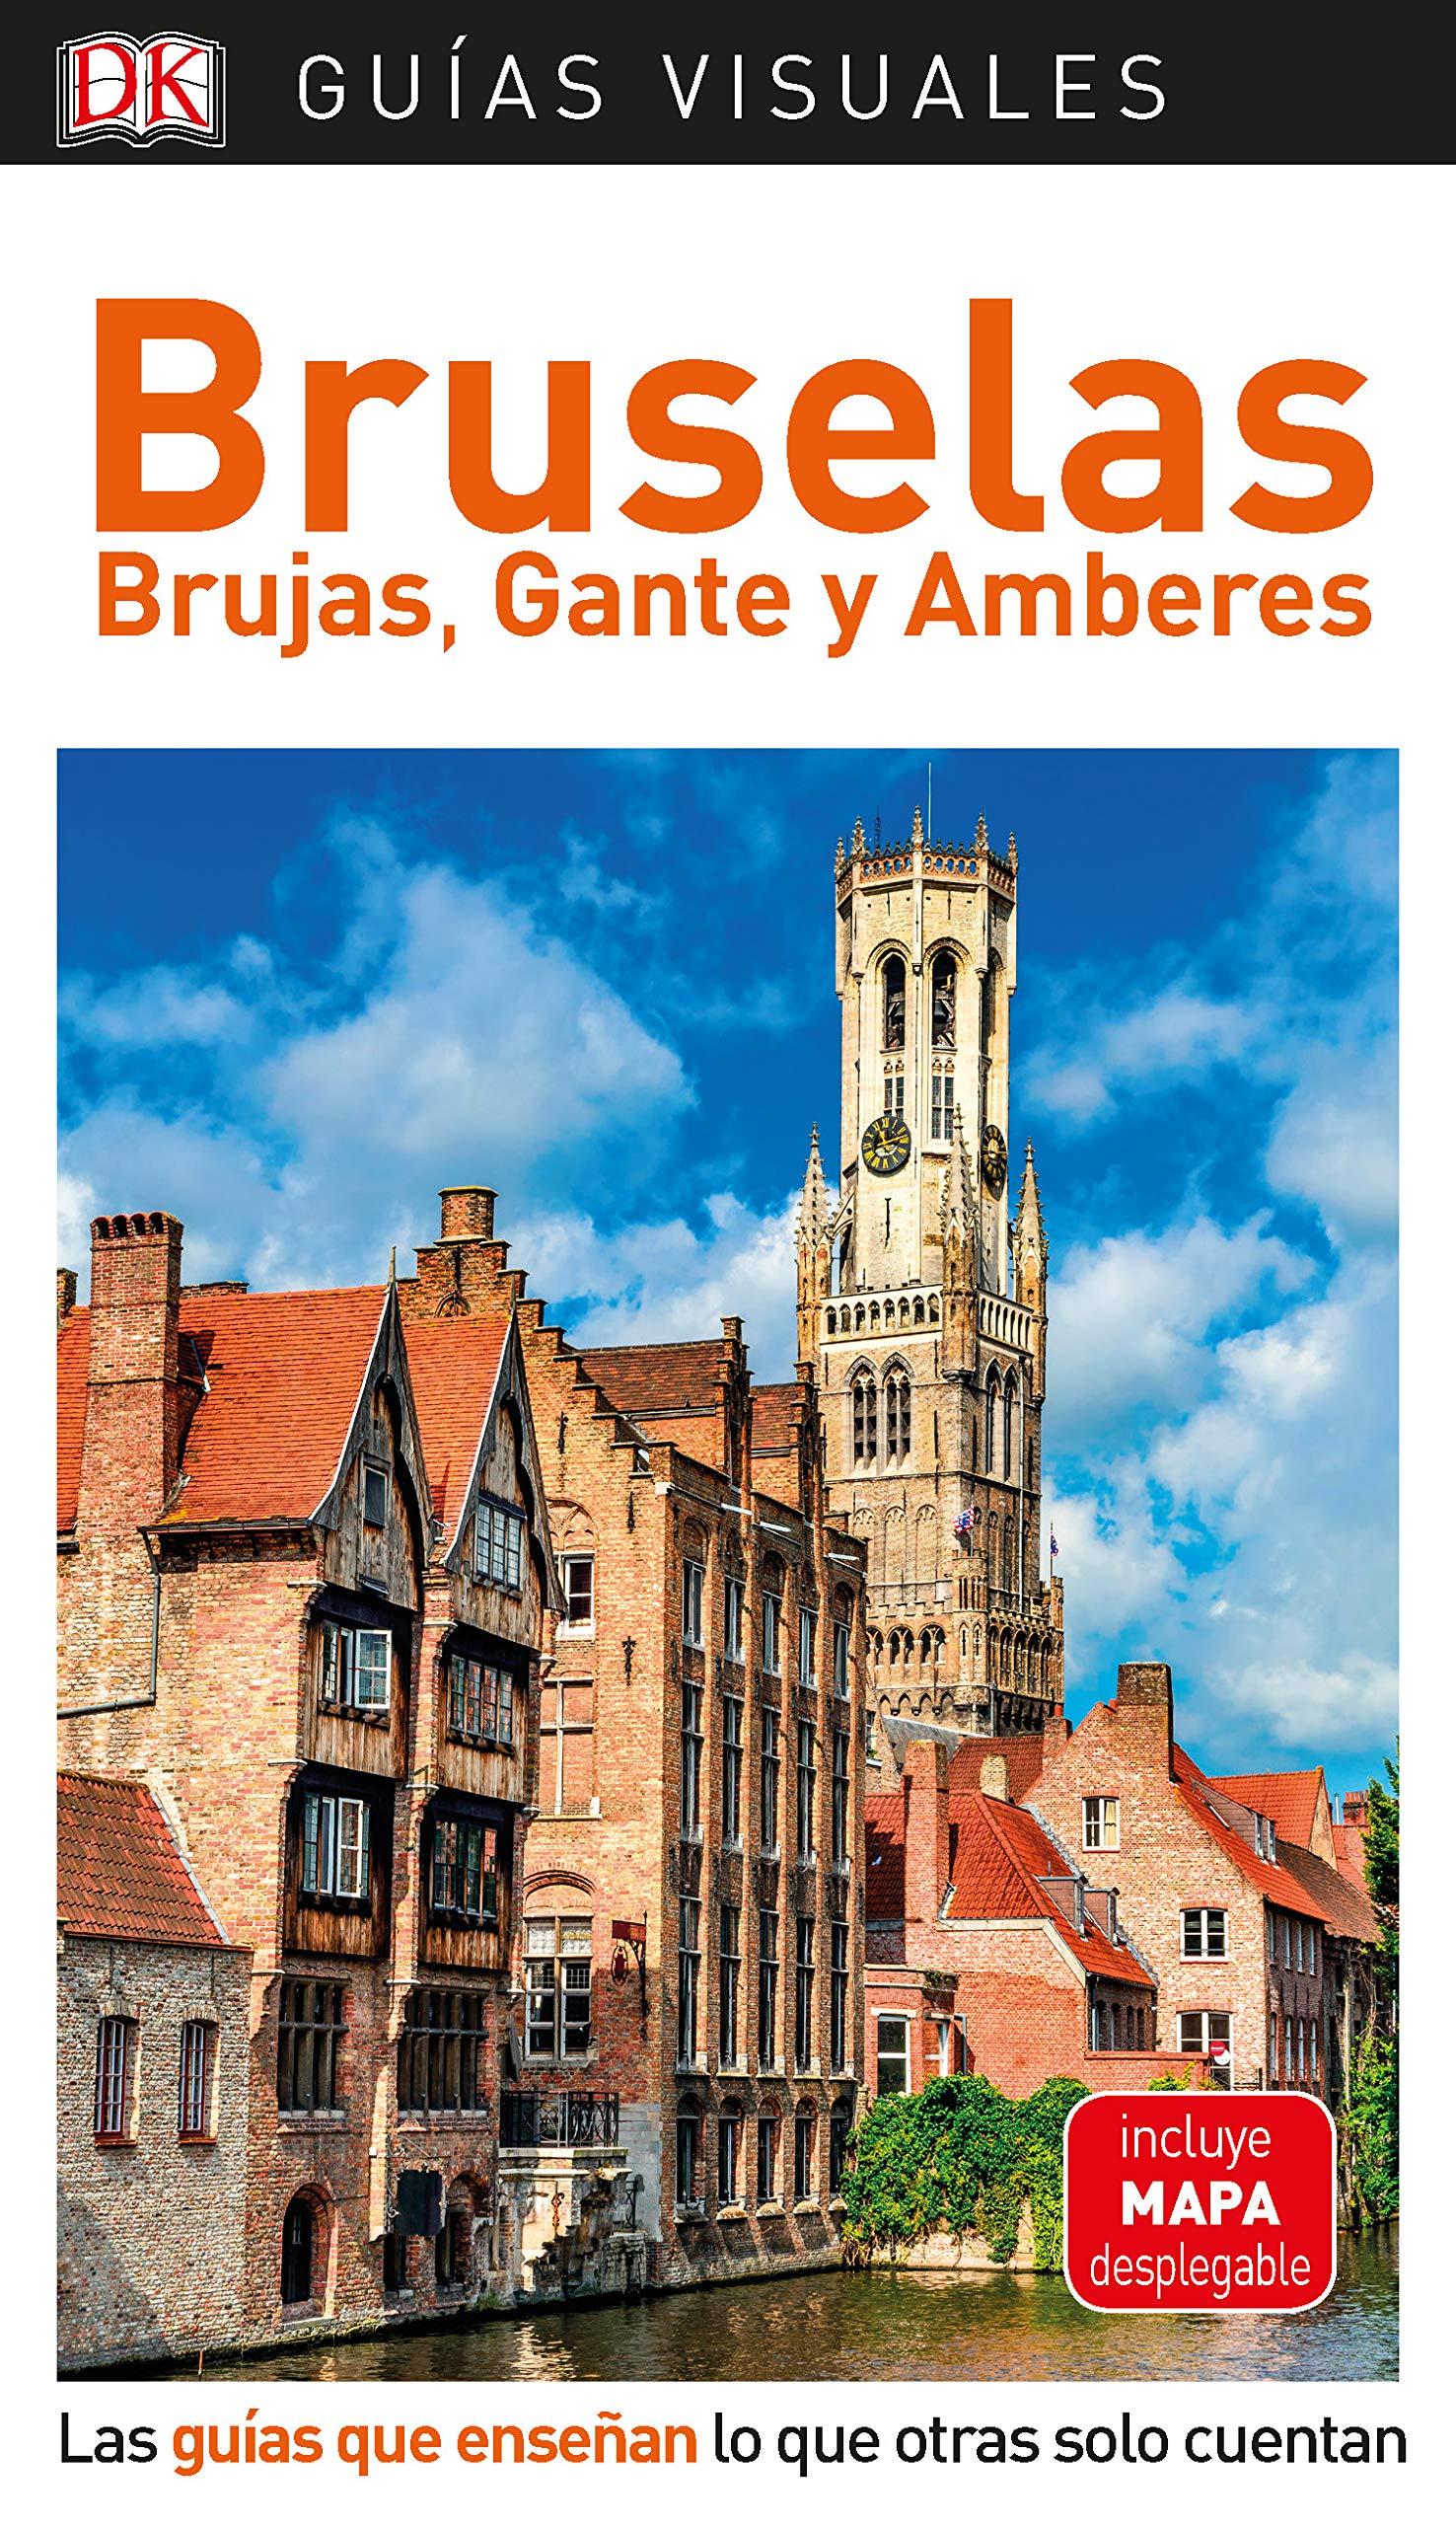 Guía Visual Bruselas Brujas Gante Y Amberes Las Guías Que Enseñan Lo Que Otras Solo Cuentan Guías Visuales Spanish Edition Varios Autores 9780241384473 Books